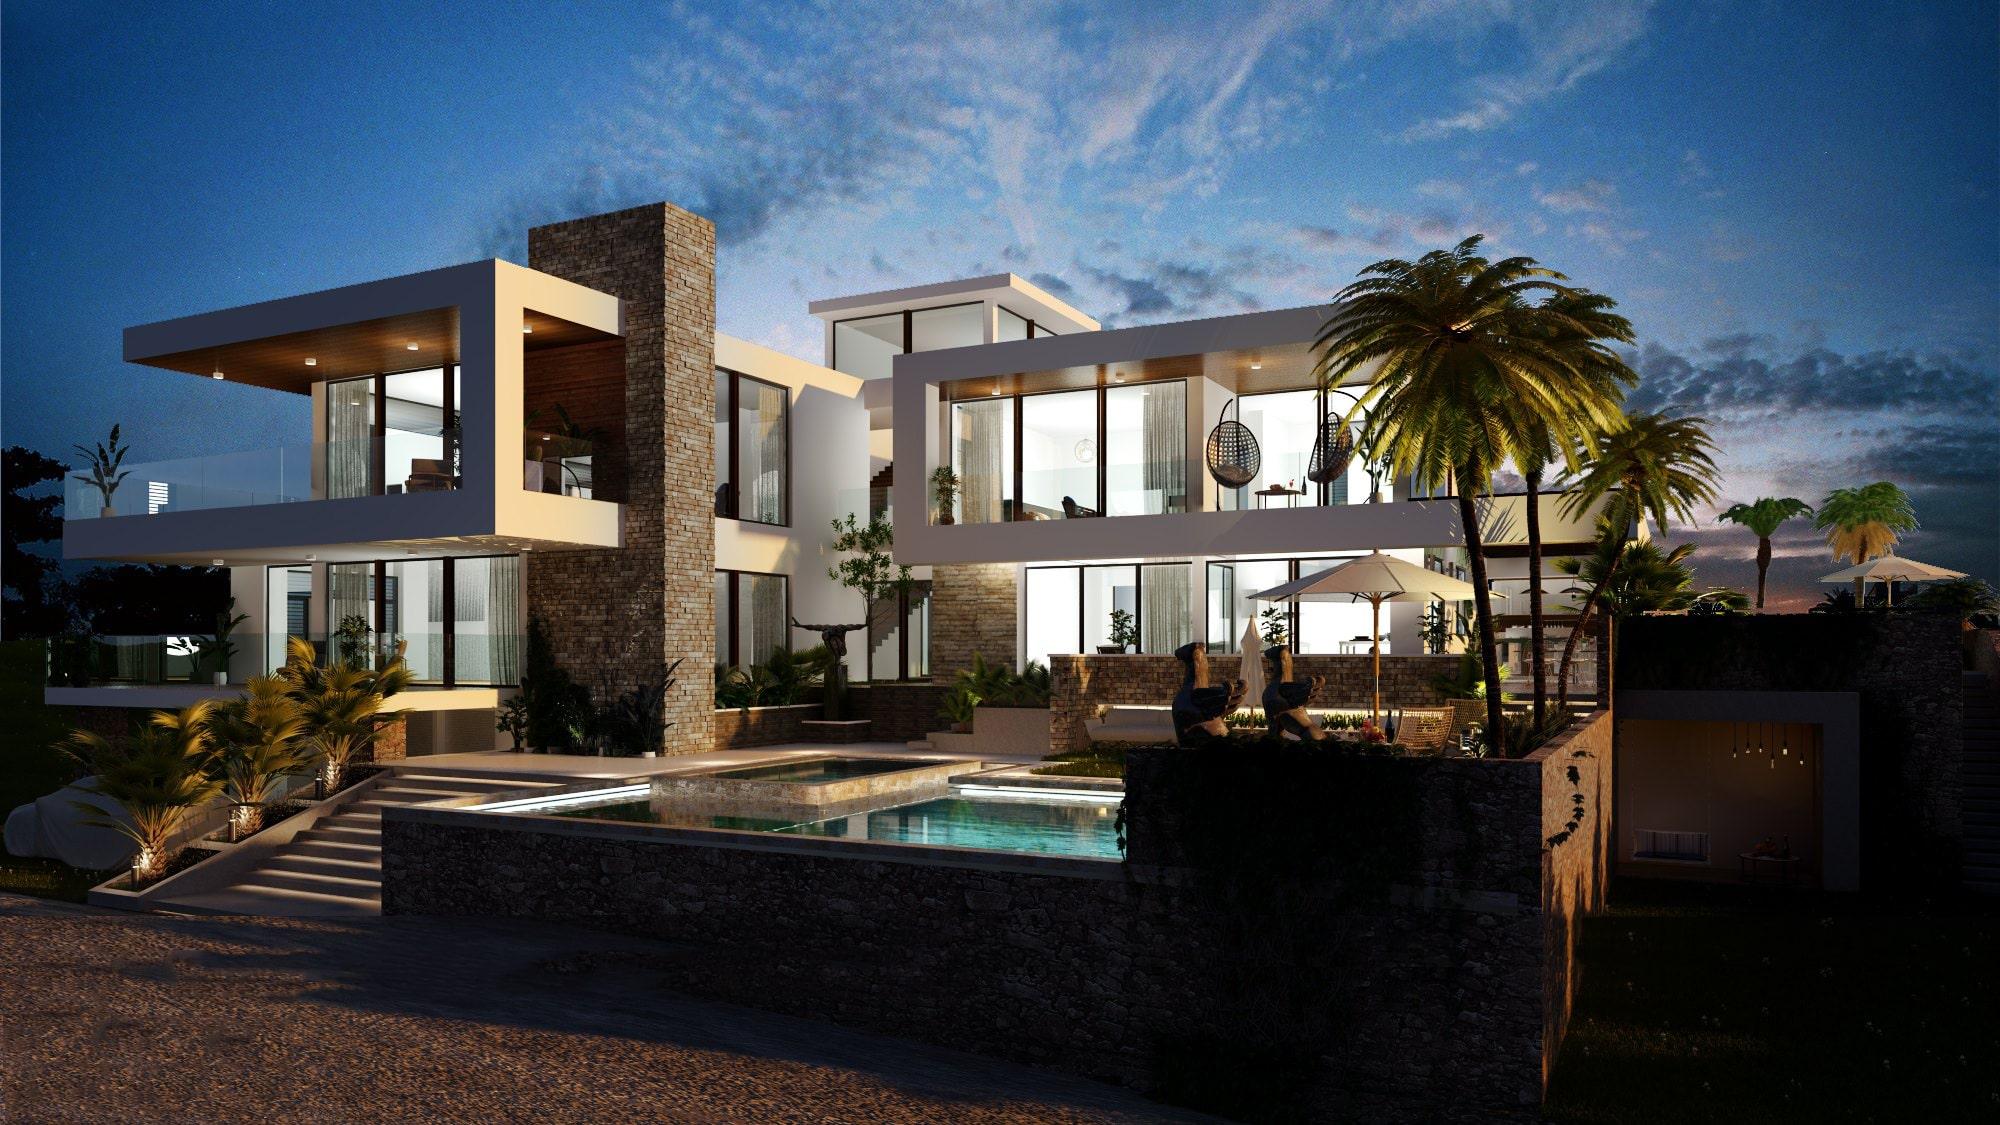 Thiết kế biệt thự đẹp có hồ bơi 6